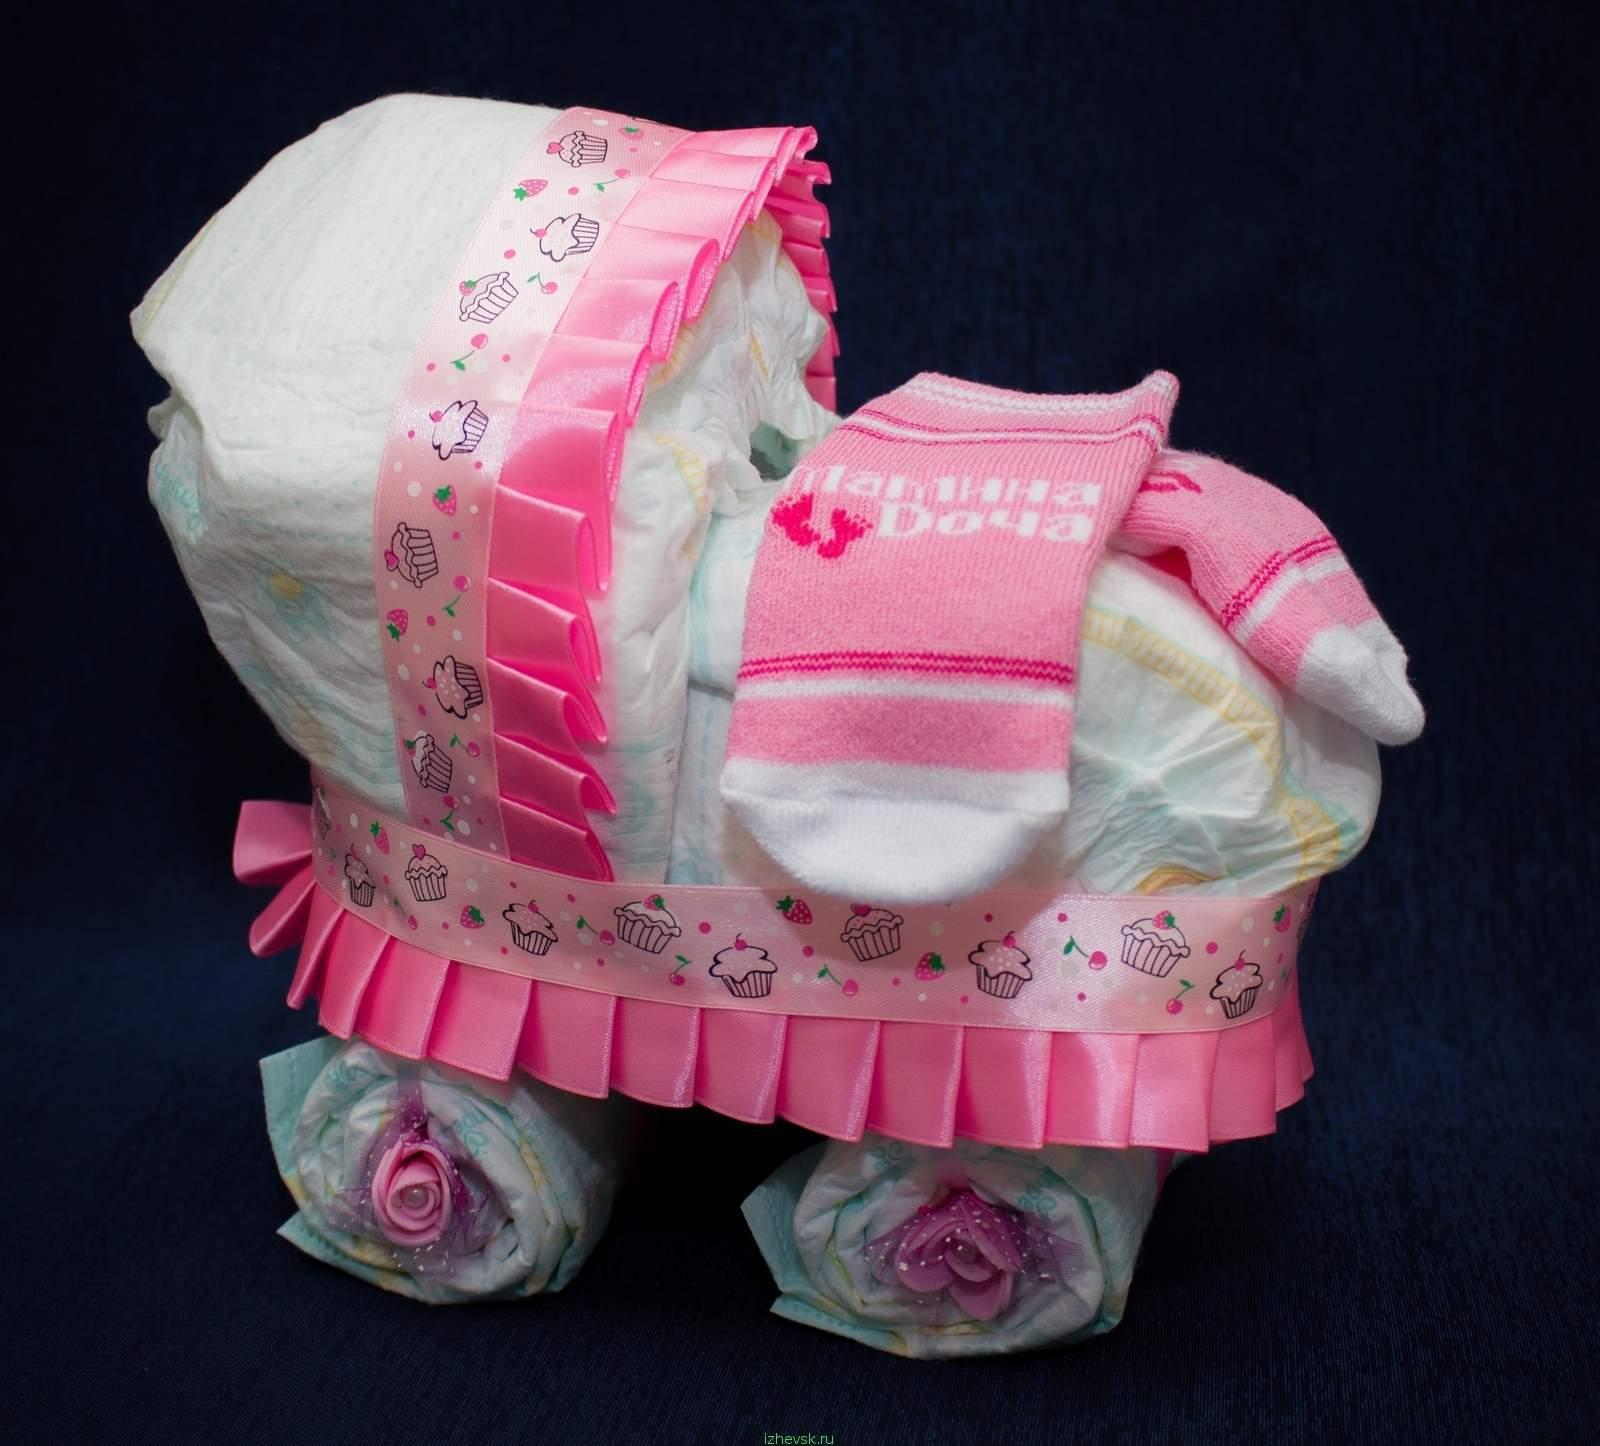 Подарки из памперсов для девочек